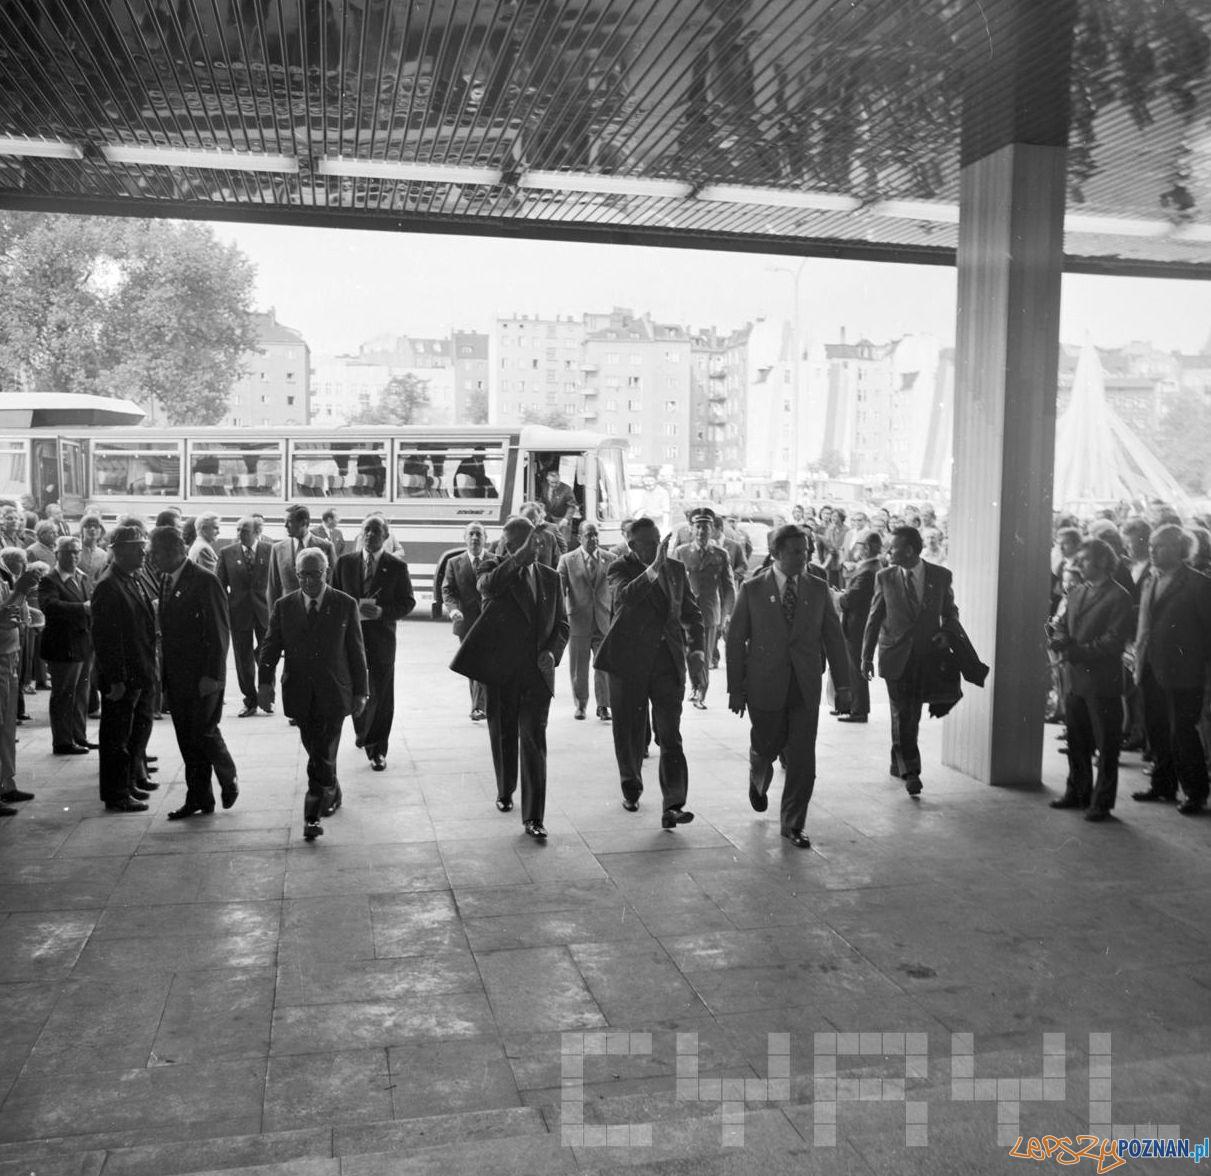 Centralne Dożynki Edward Gierek - 8.09.1974  Foto: Stanisław Wiktor / Cyryl